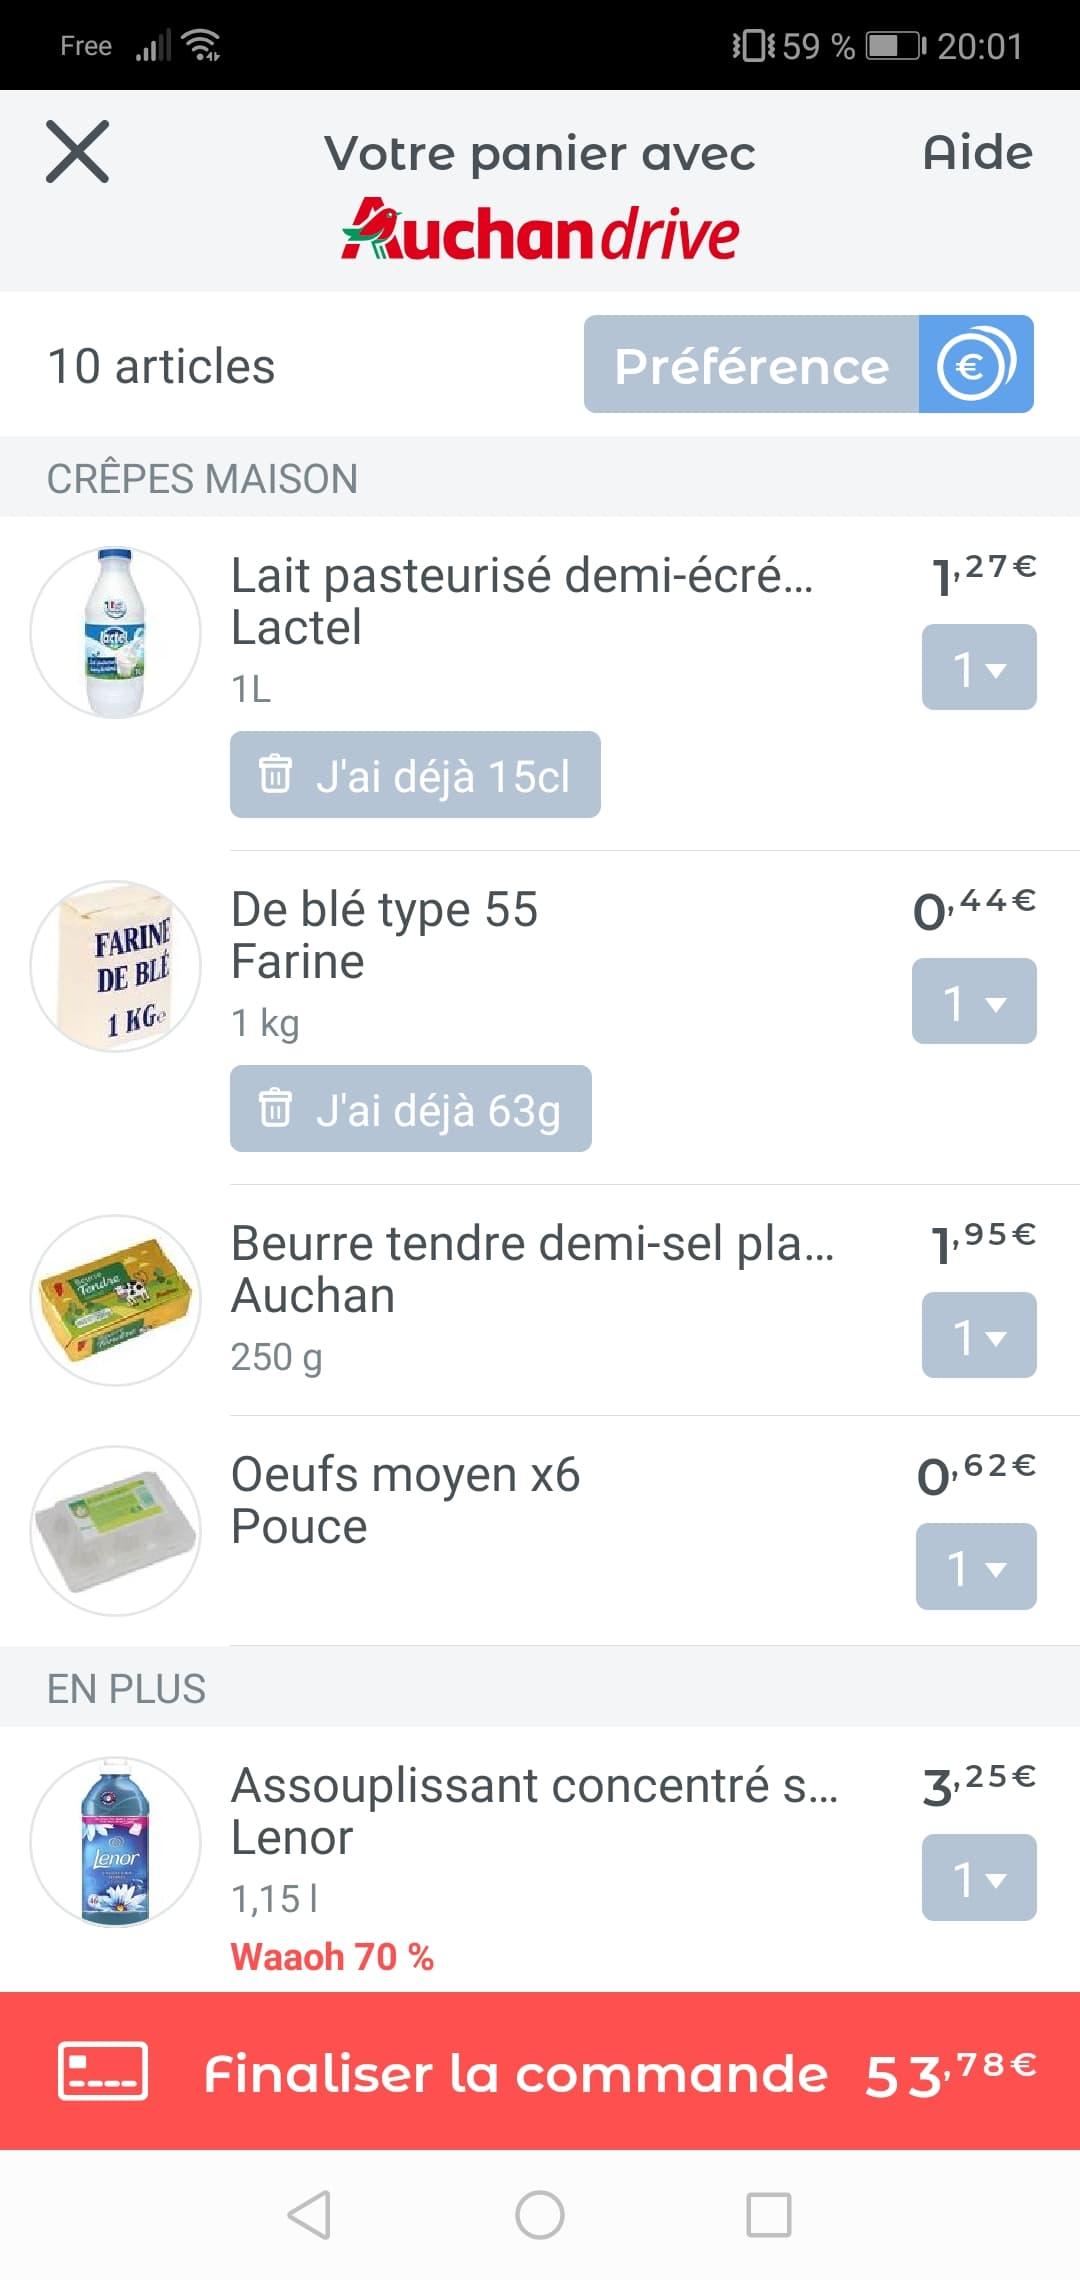 Detaille commande auchan drive recette crépe sur jow